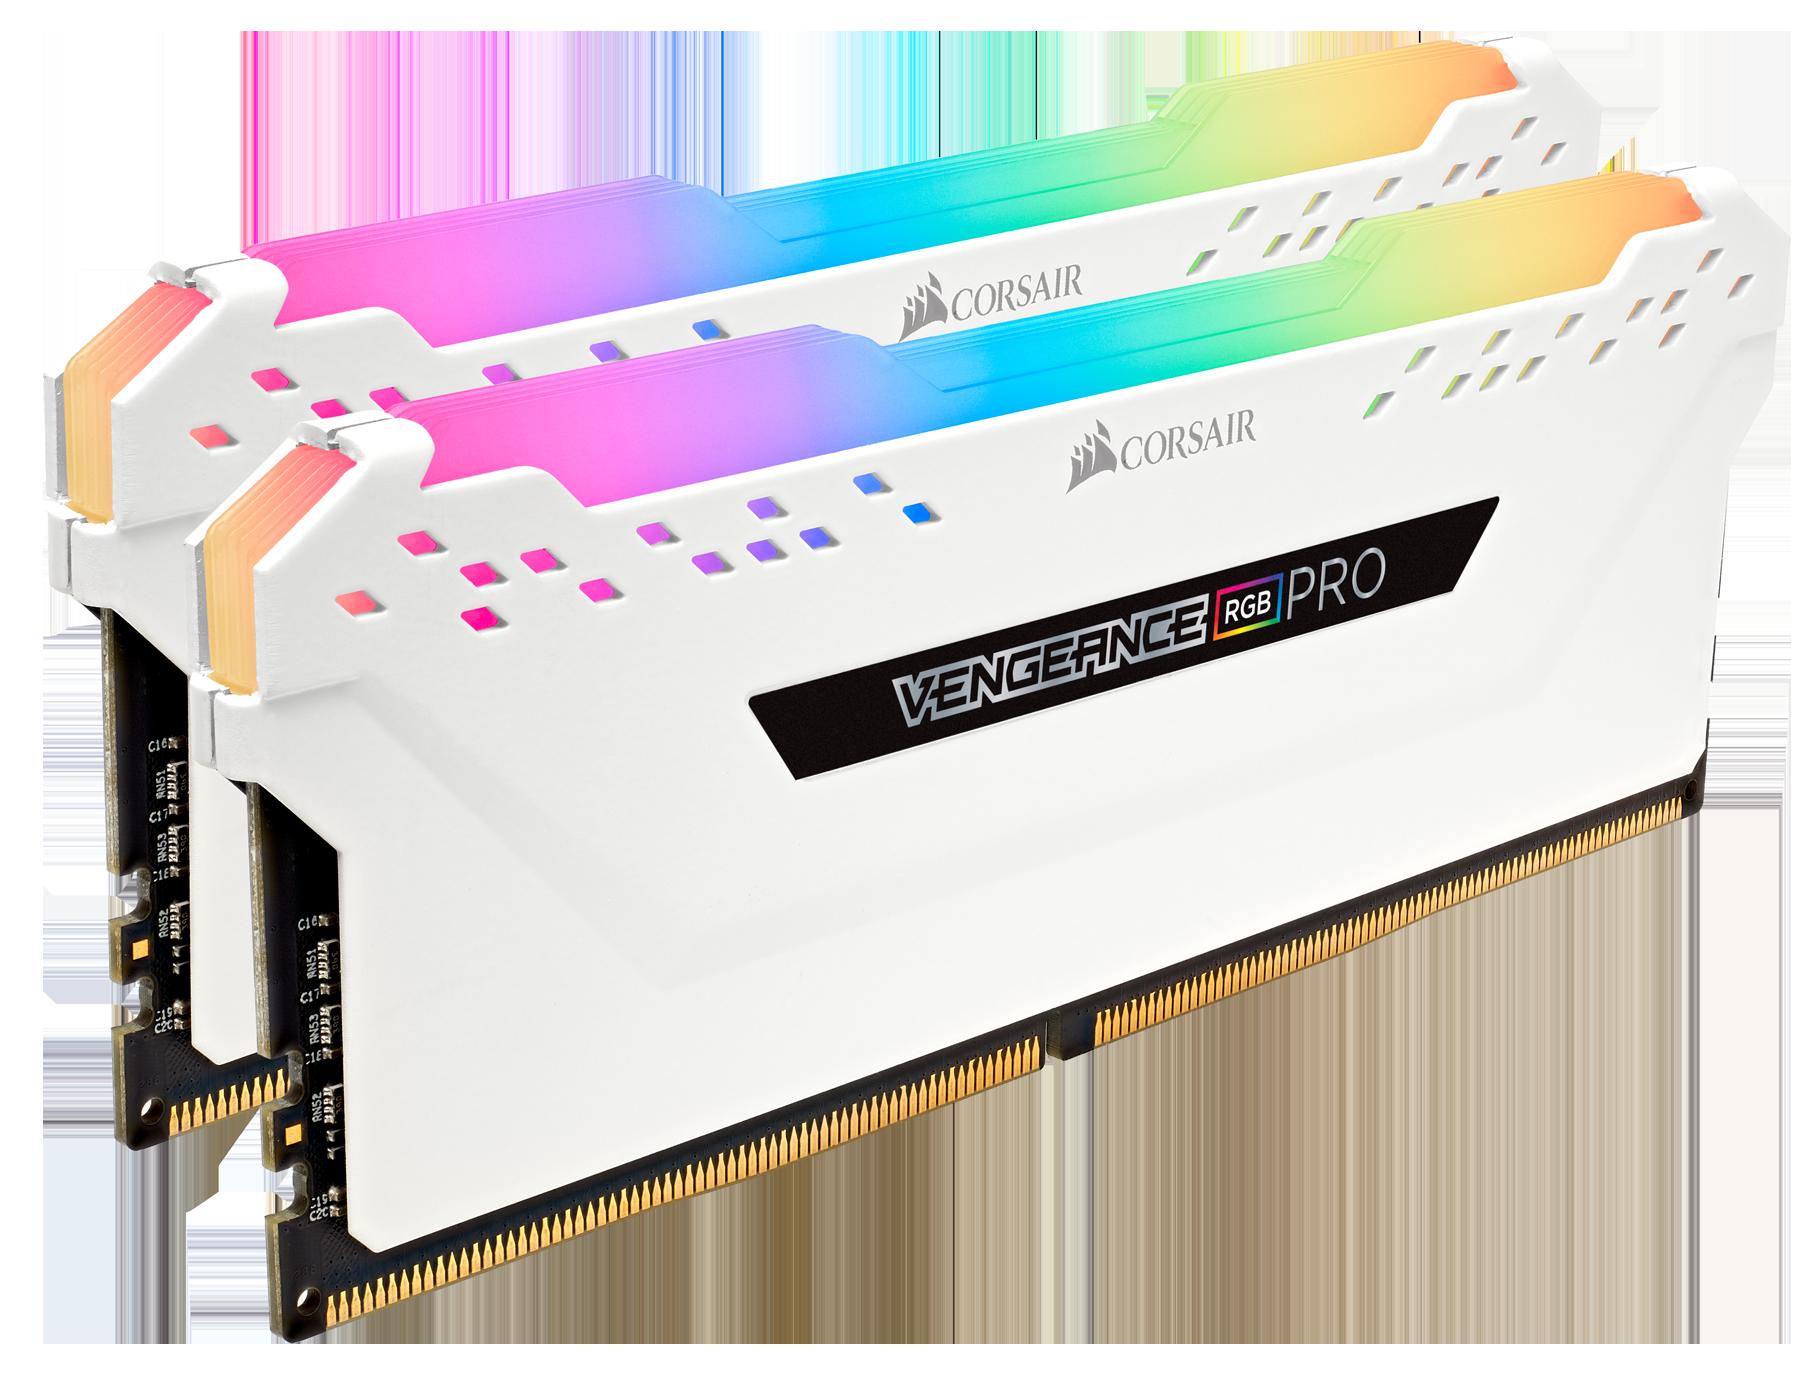 Kit de mémoire Vengeance 2 x 8 Go RGB Pro Corsair Blanc